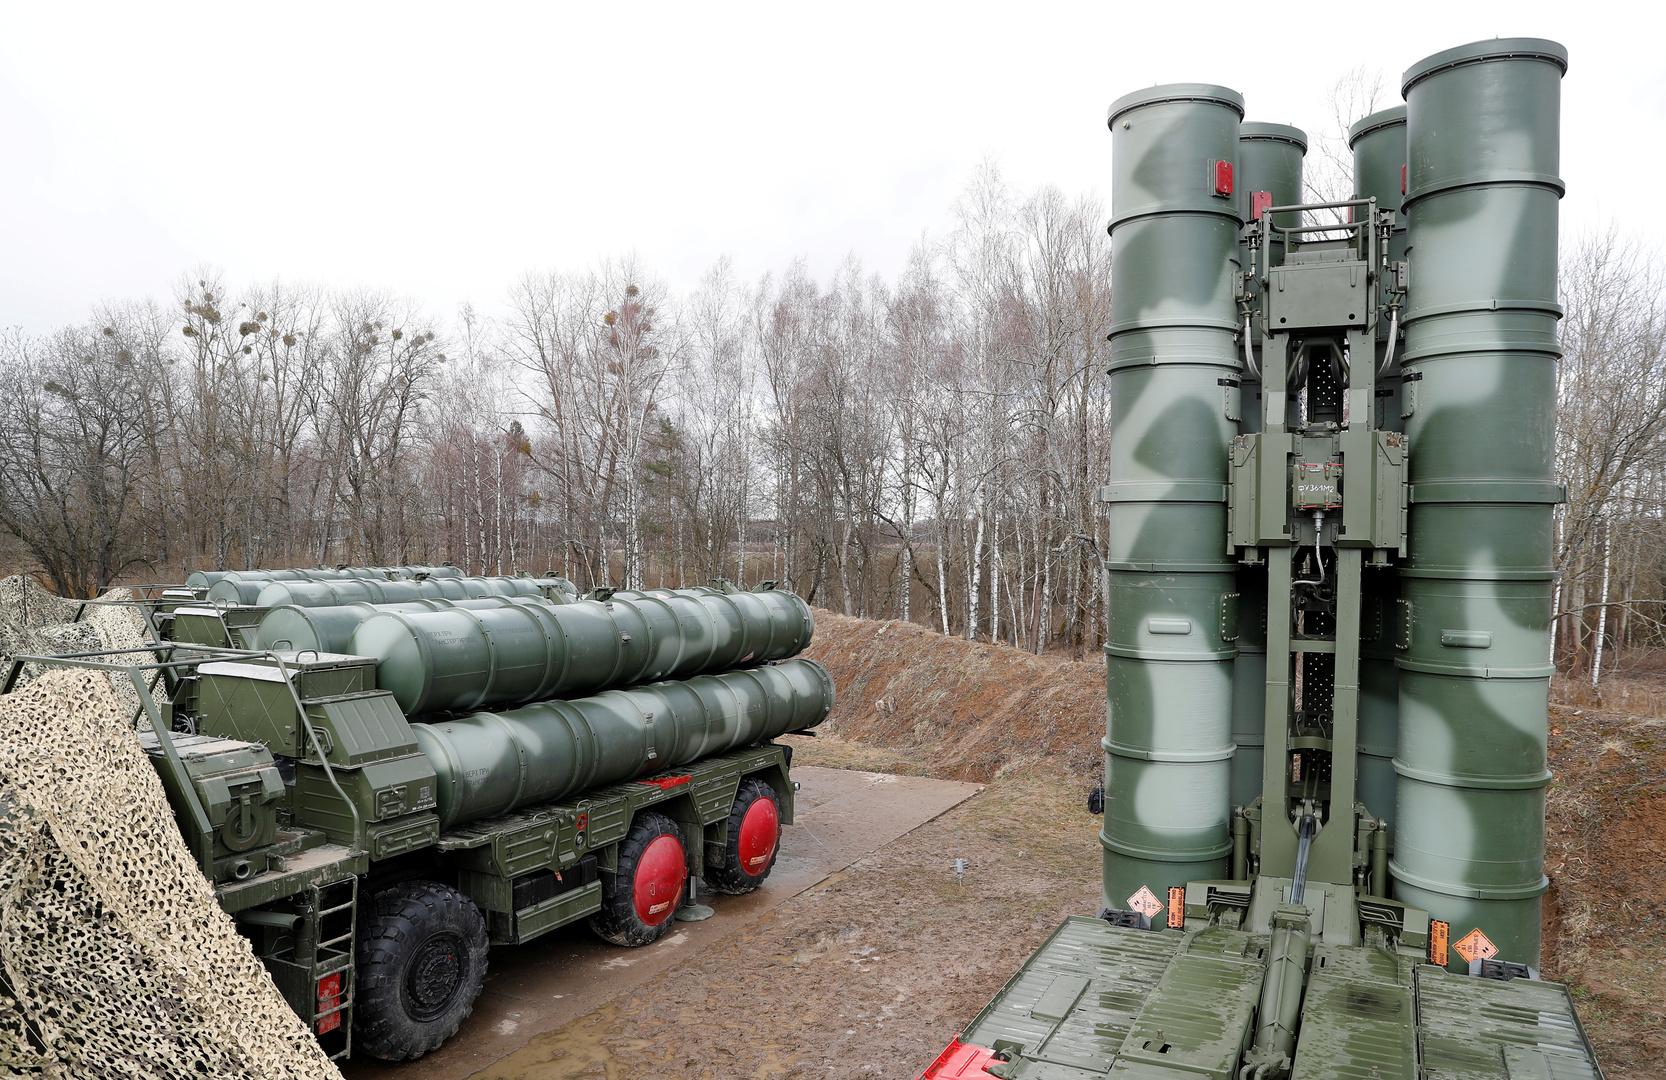 الصين قلقة من تزويد الهند بصواريخ إس-400